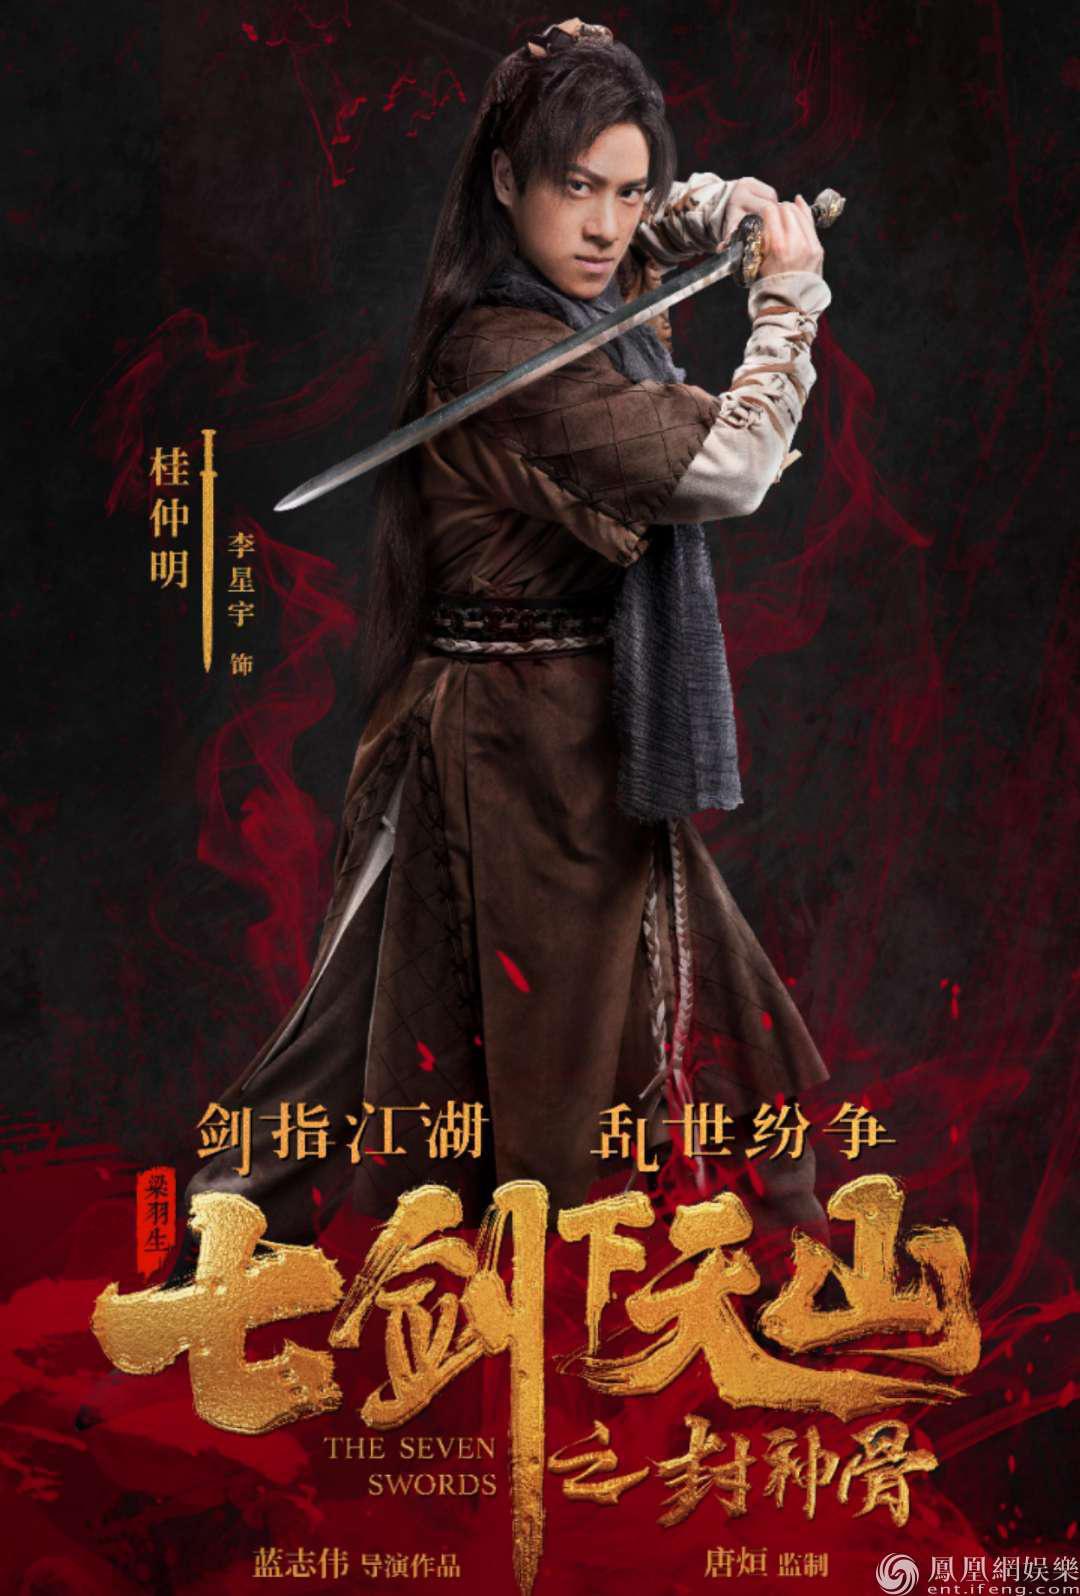 七剑下天山的剑的图片